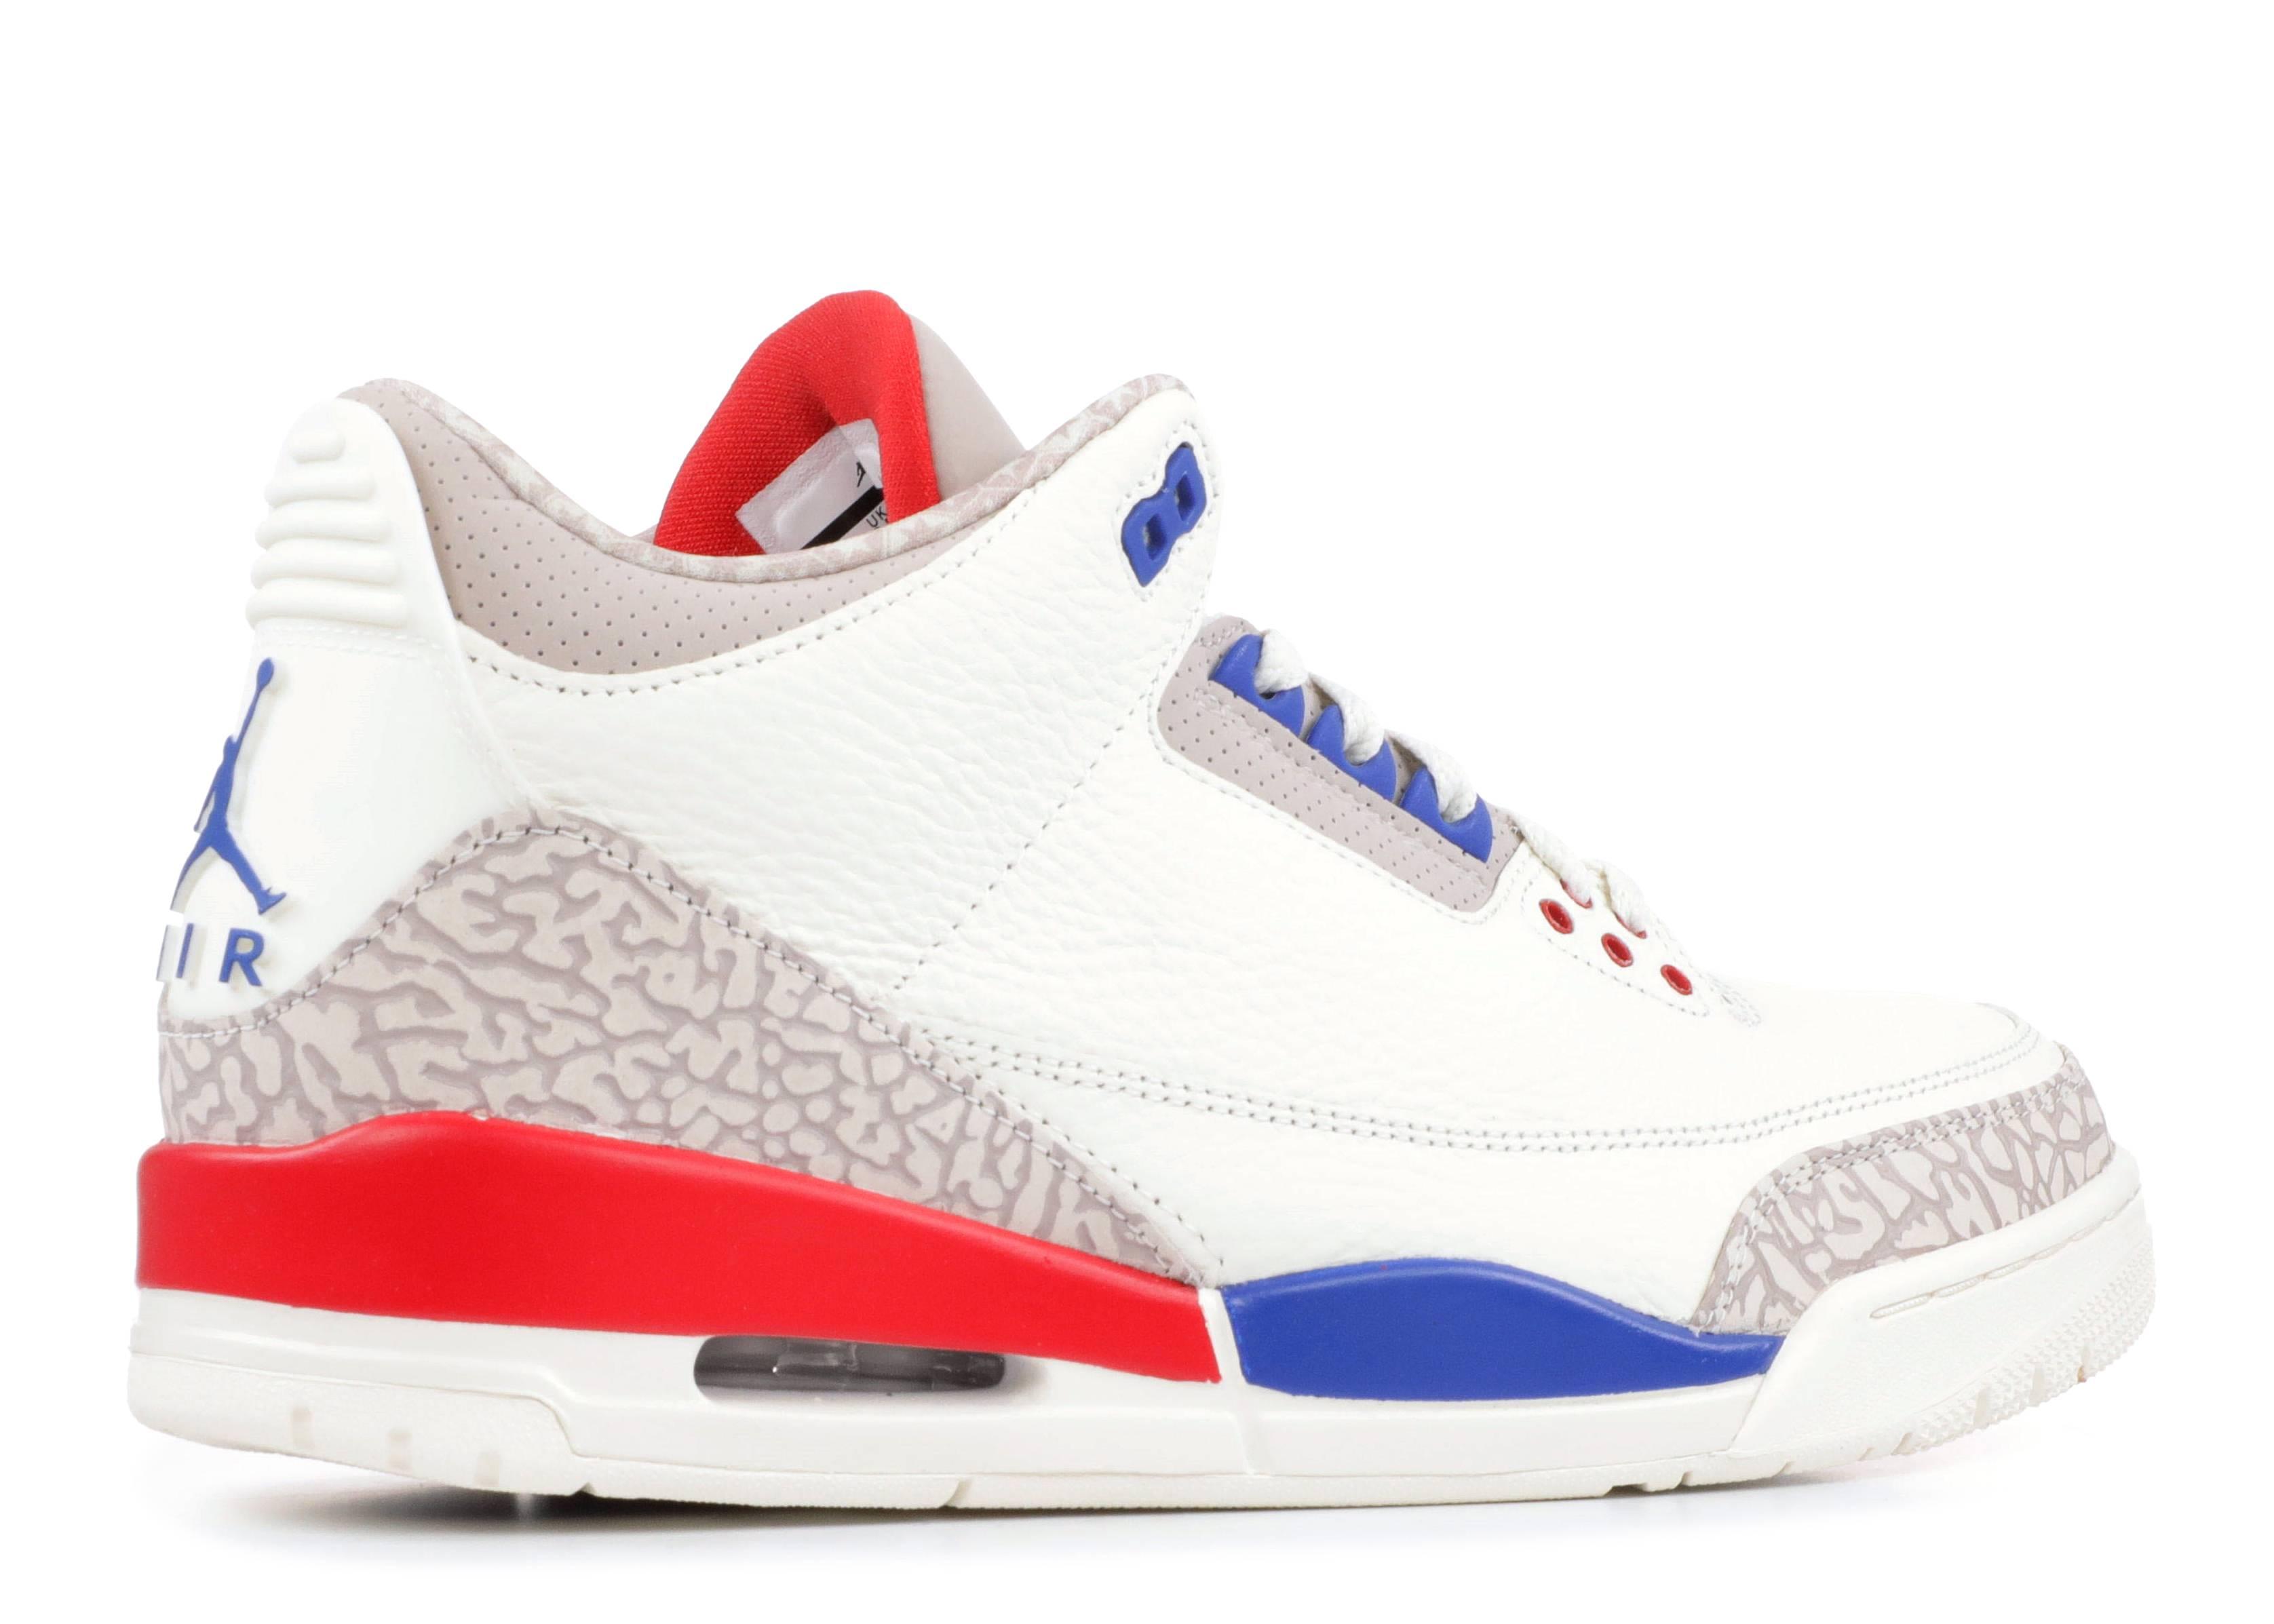 05c2a95d641e Air Jordan 3 Retro